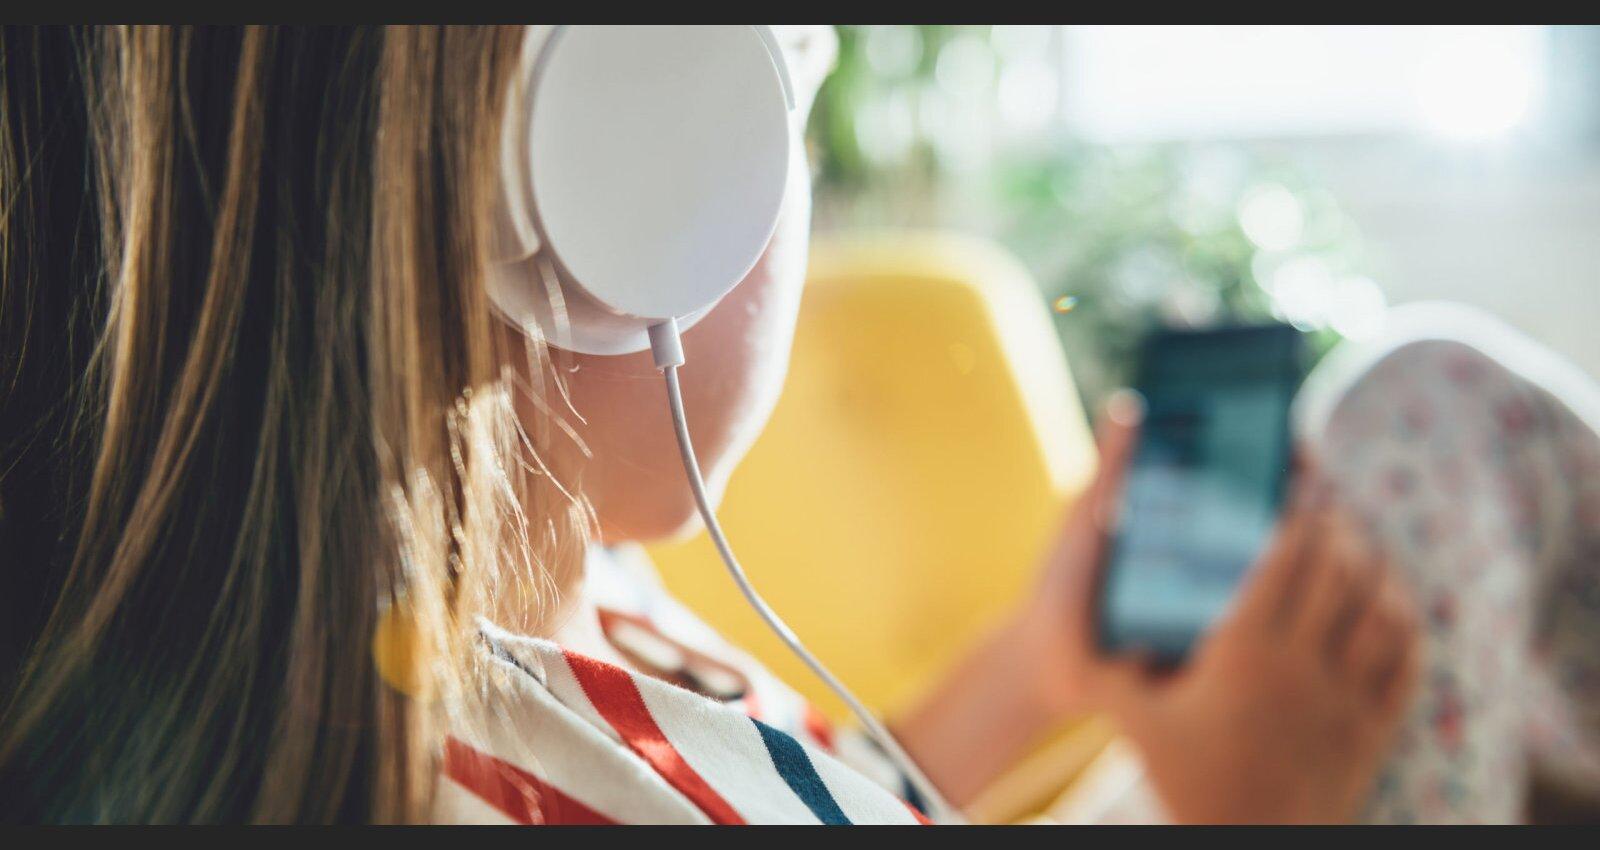 Bērnu kailfoto vienaudžu tālruņos – pieaugušo radīta mūsdienu realitāte